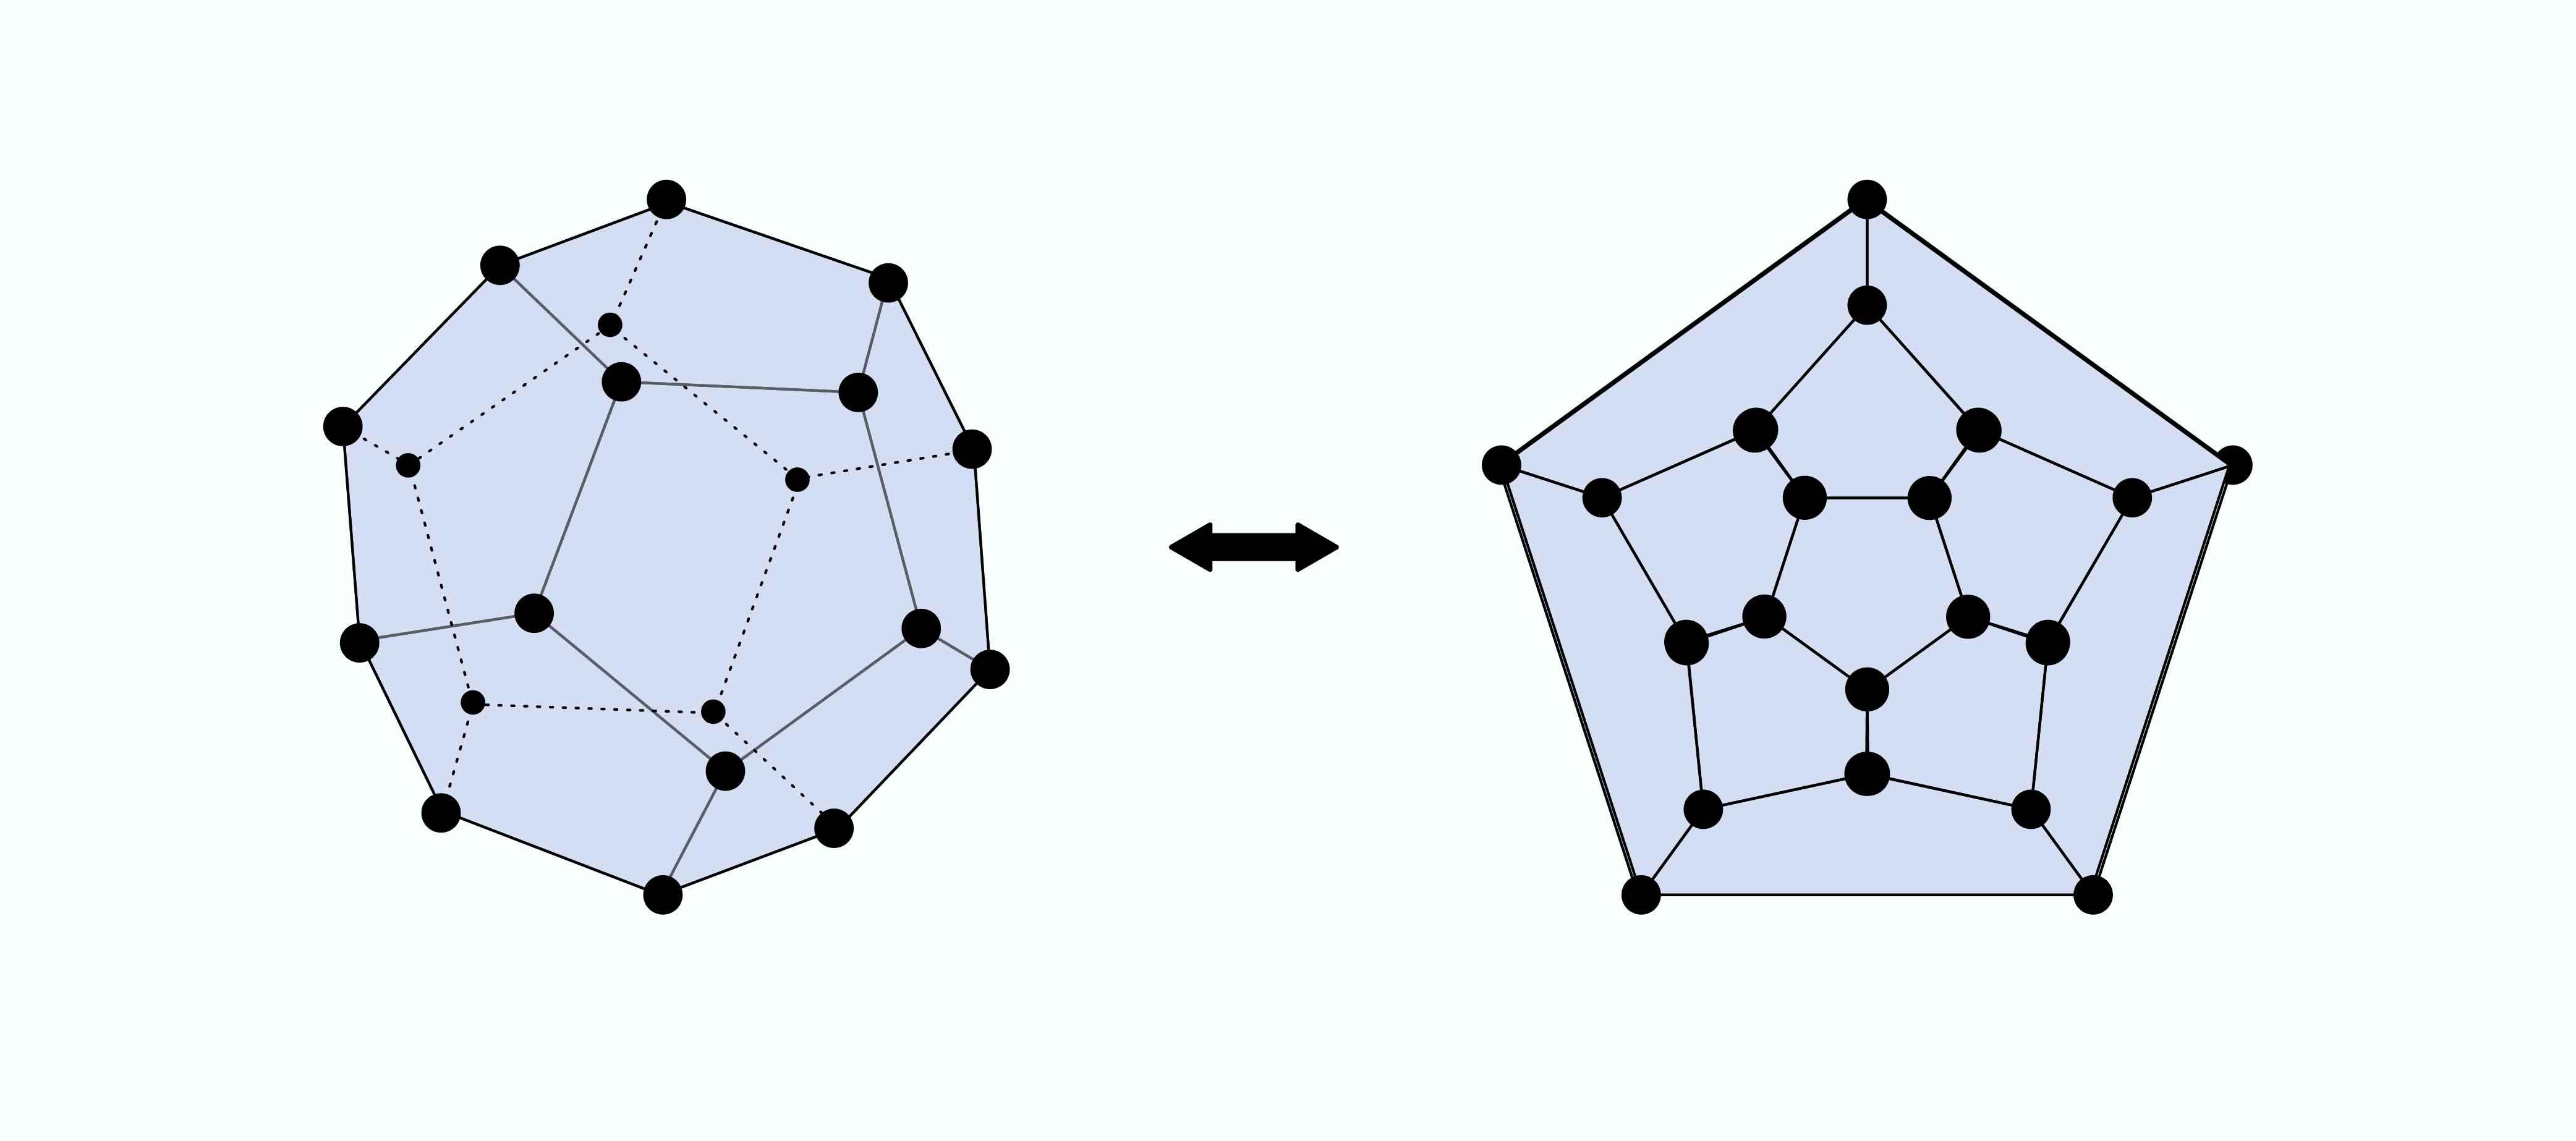 漢彌爾頓的環遊世界遊戲牽涉到圖論 (Graph Theory) ,比較容易的作法,是先把正 12 面體的圖壓扁成平面圖,再於平面圖中找出通過所有點各一次的圈,也就是漢彌爾頓迴圈。 資料來源│Hamiltonian Graph